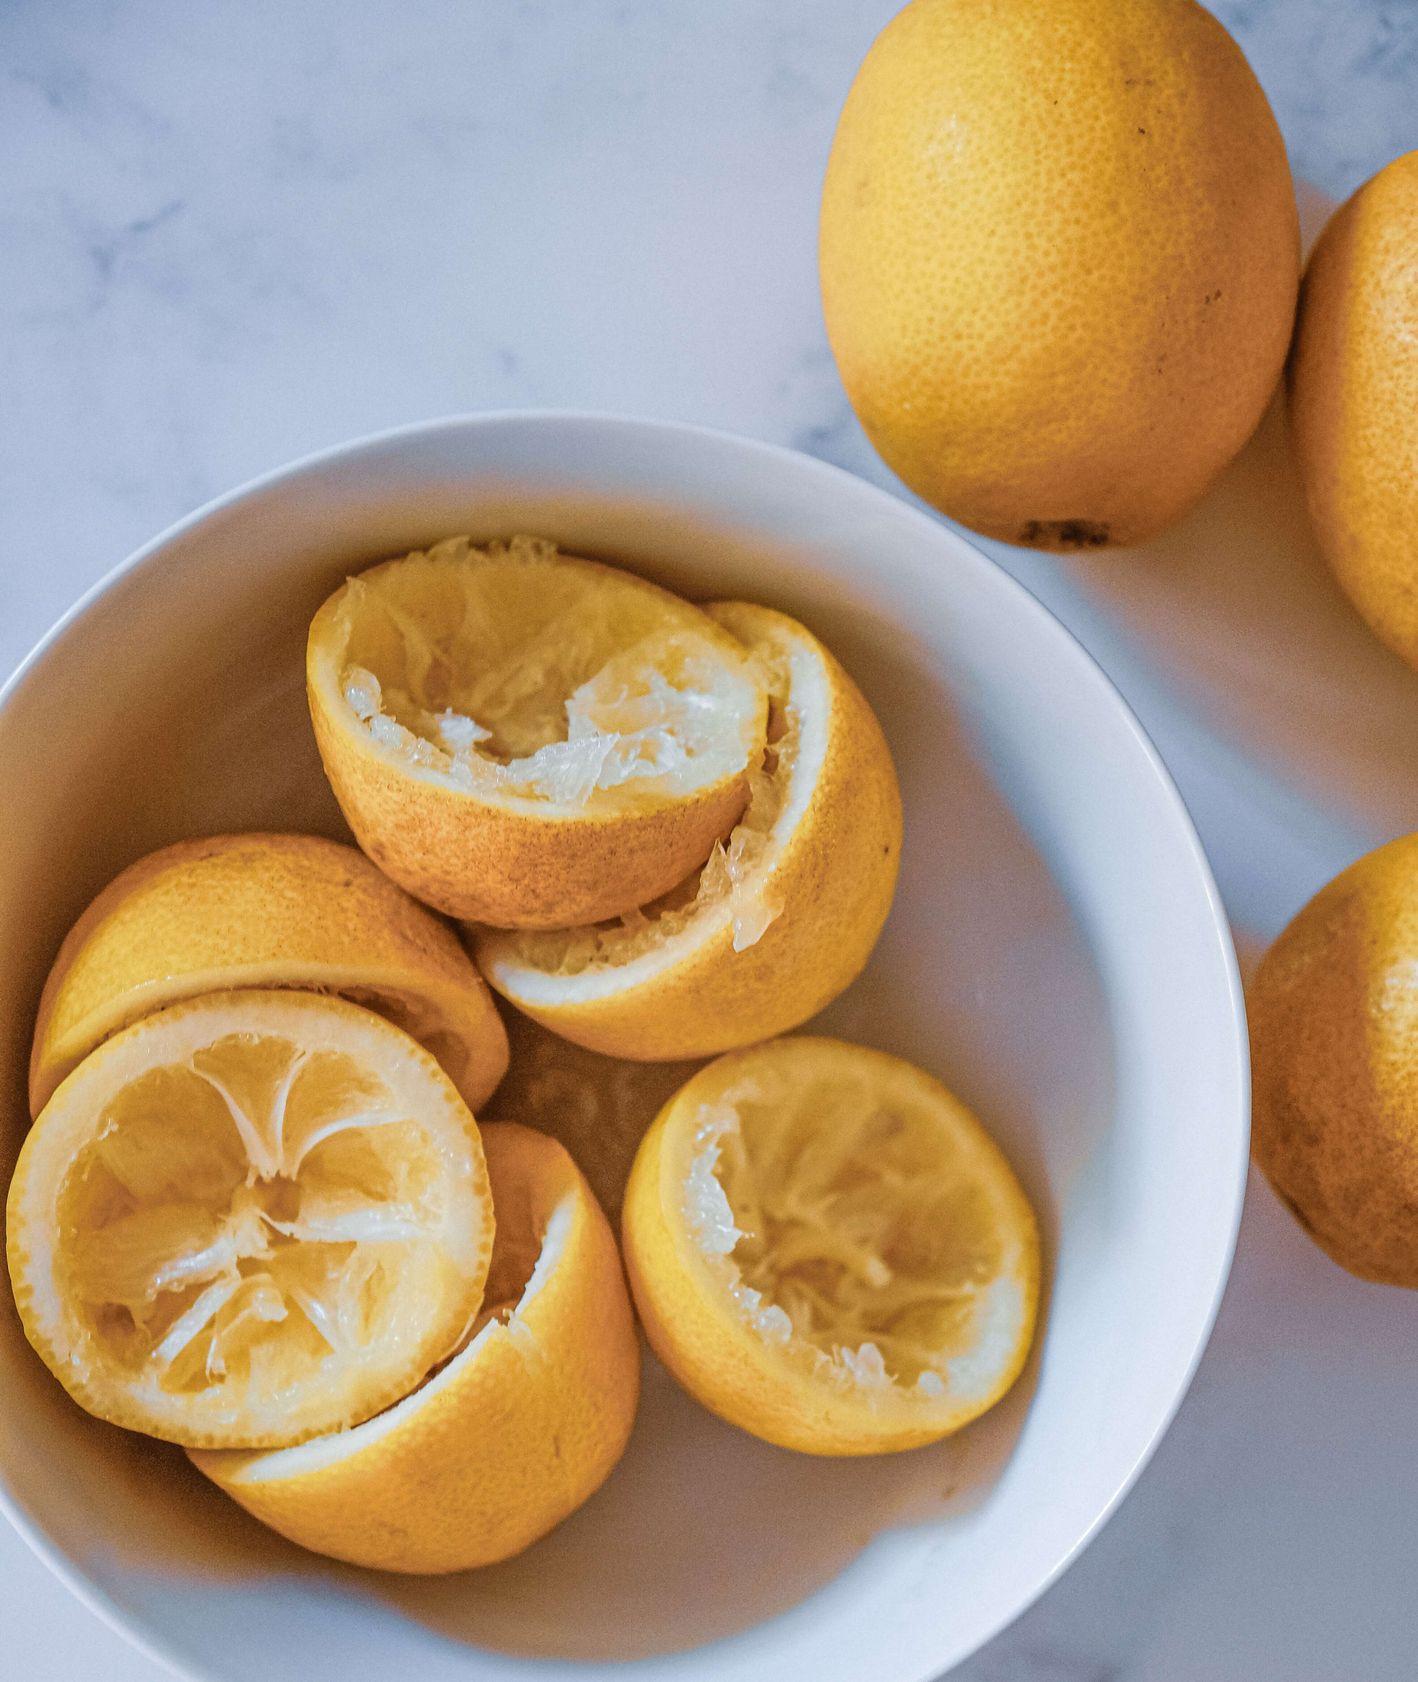 Skórki po wyciśniętych cytrynach w miseczce, całe cytryny, unsplash Jeff Siepman